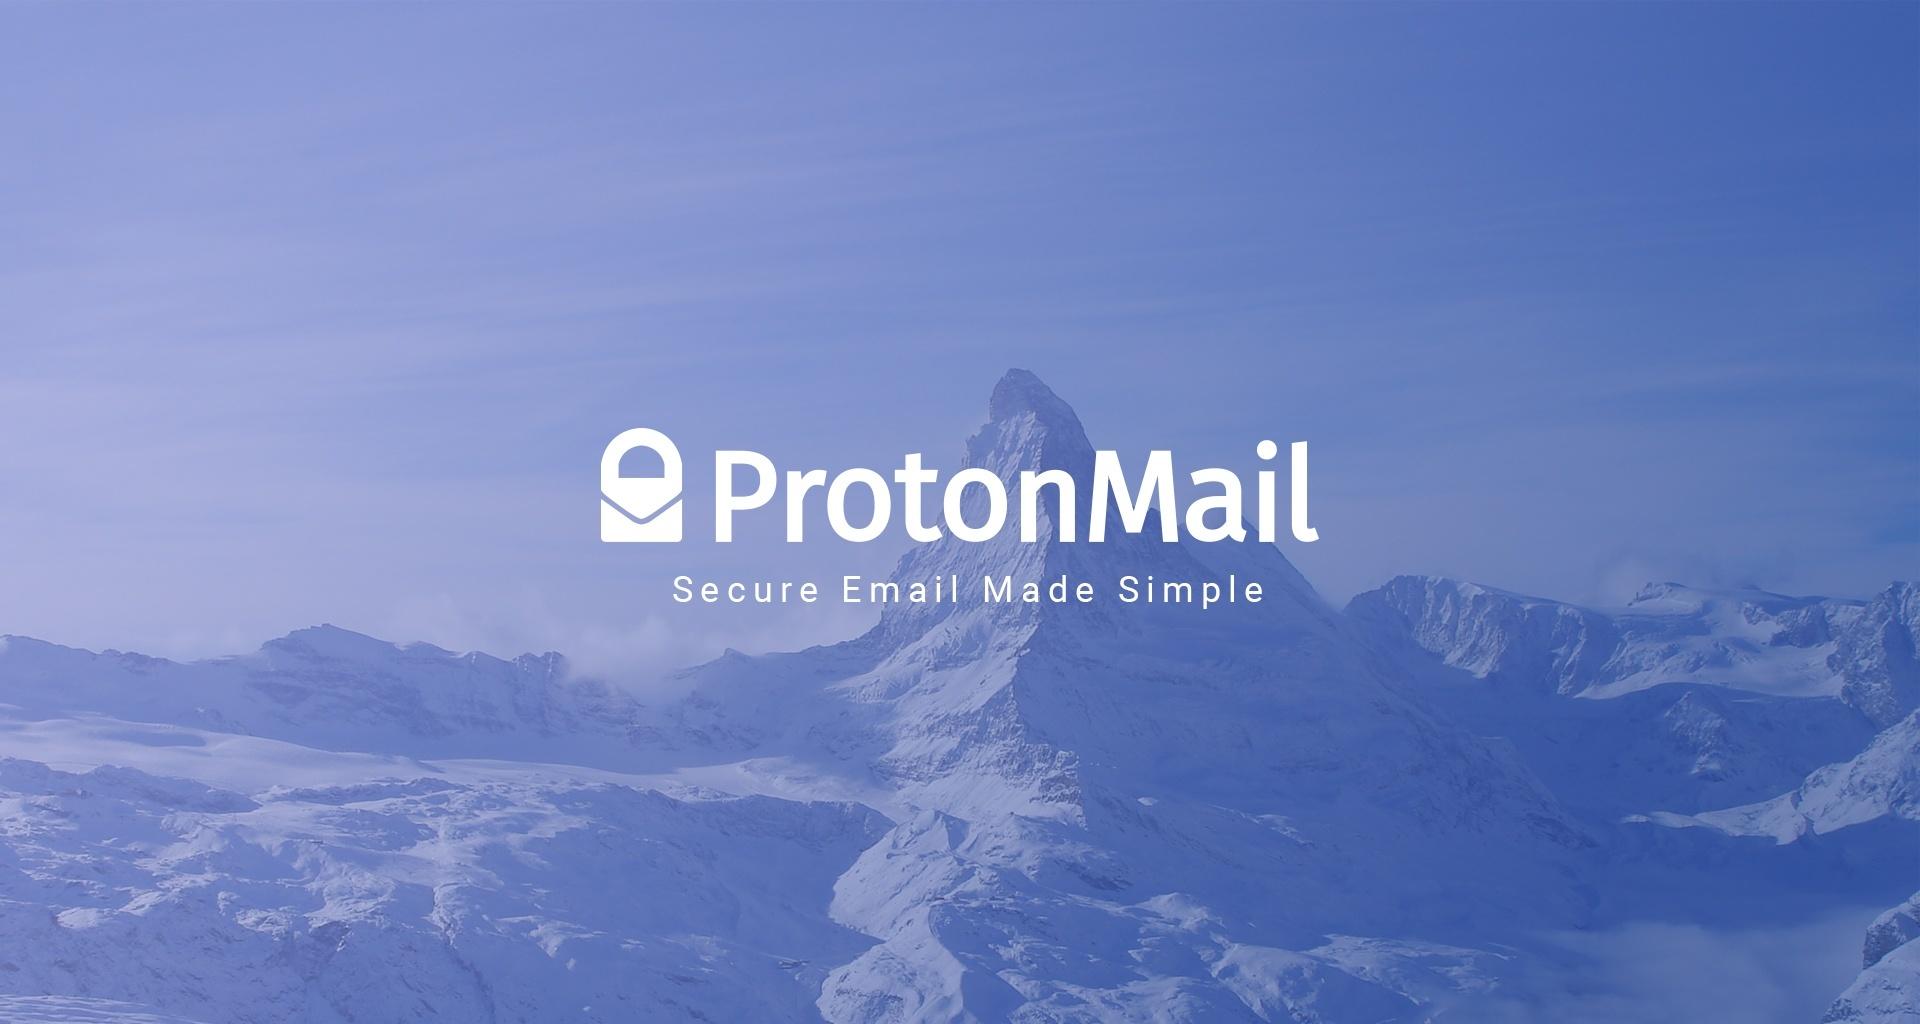 ProtonMail ProtonCoin ICO